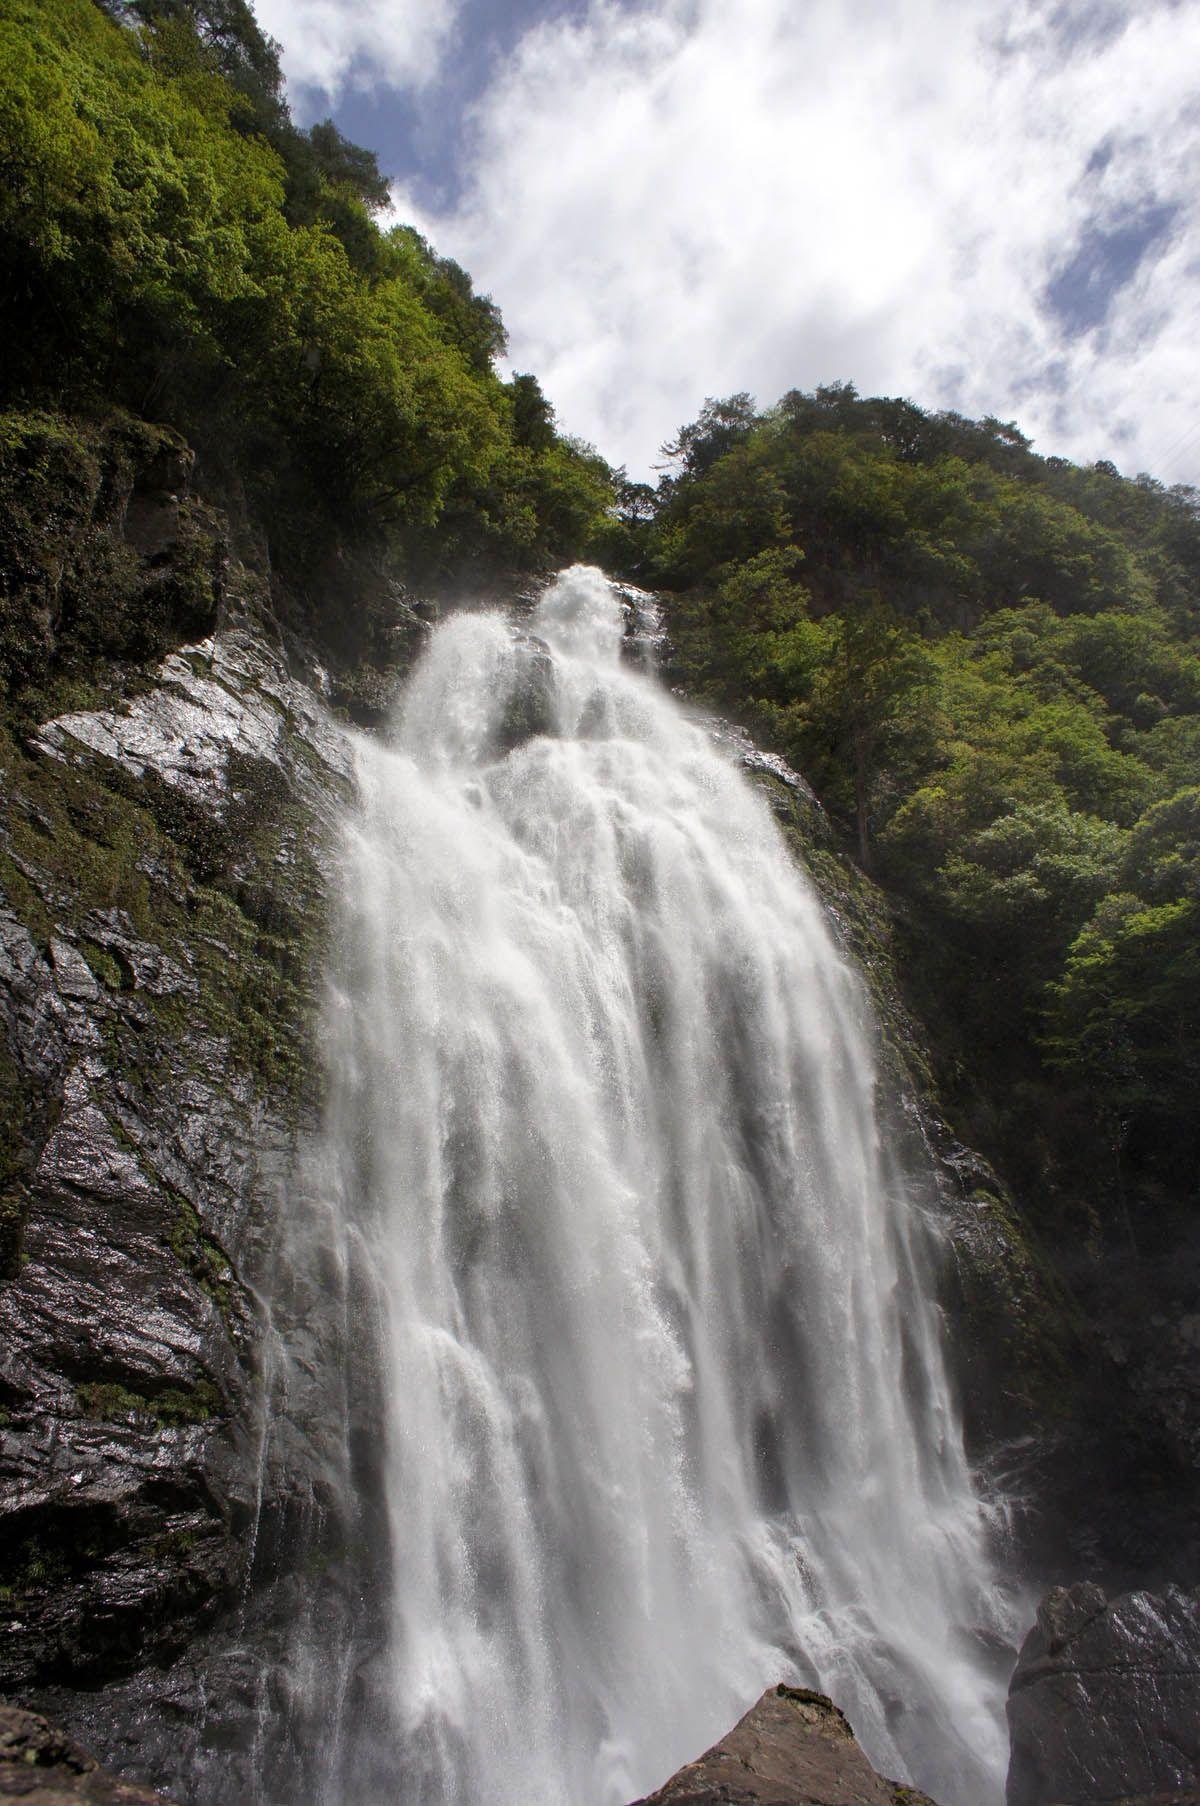 大雨の後の千尋滝は圧巻の迫力